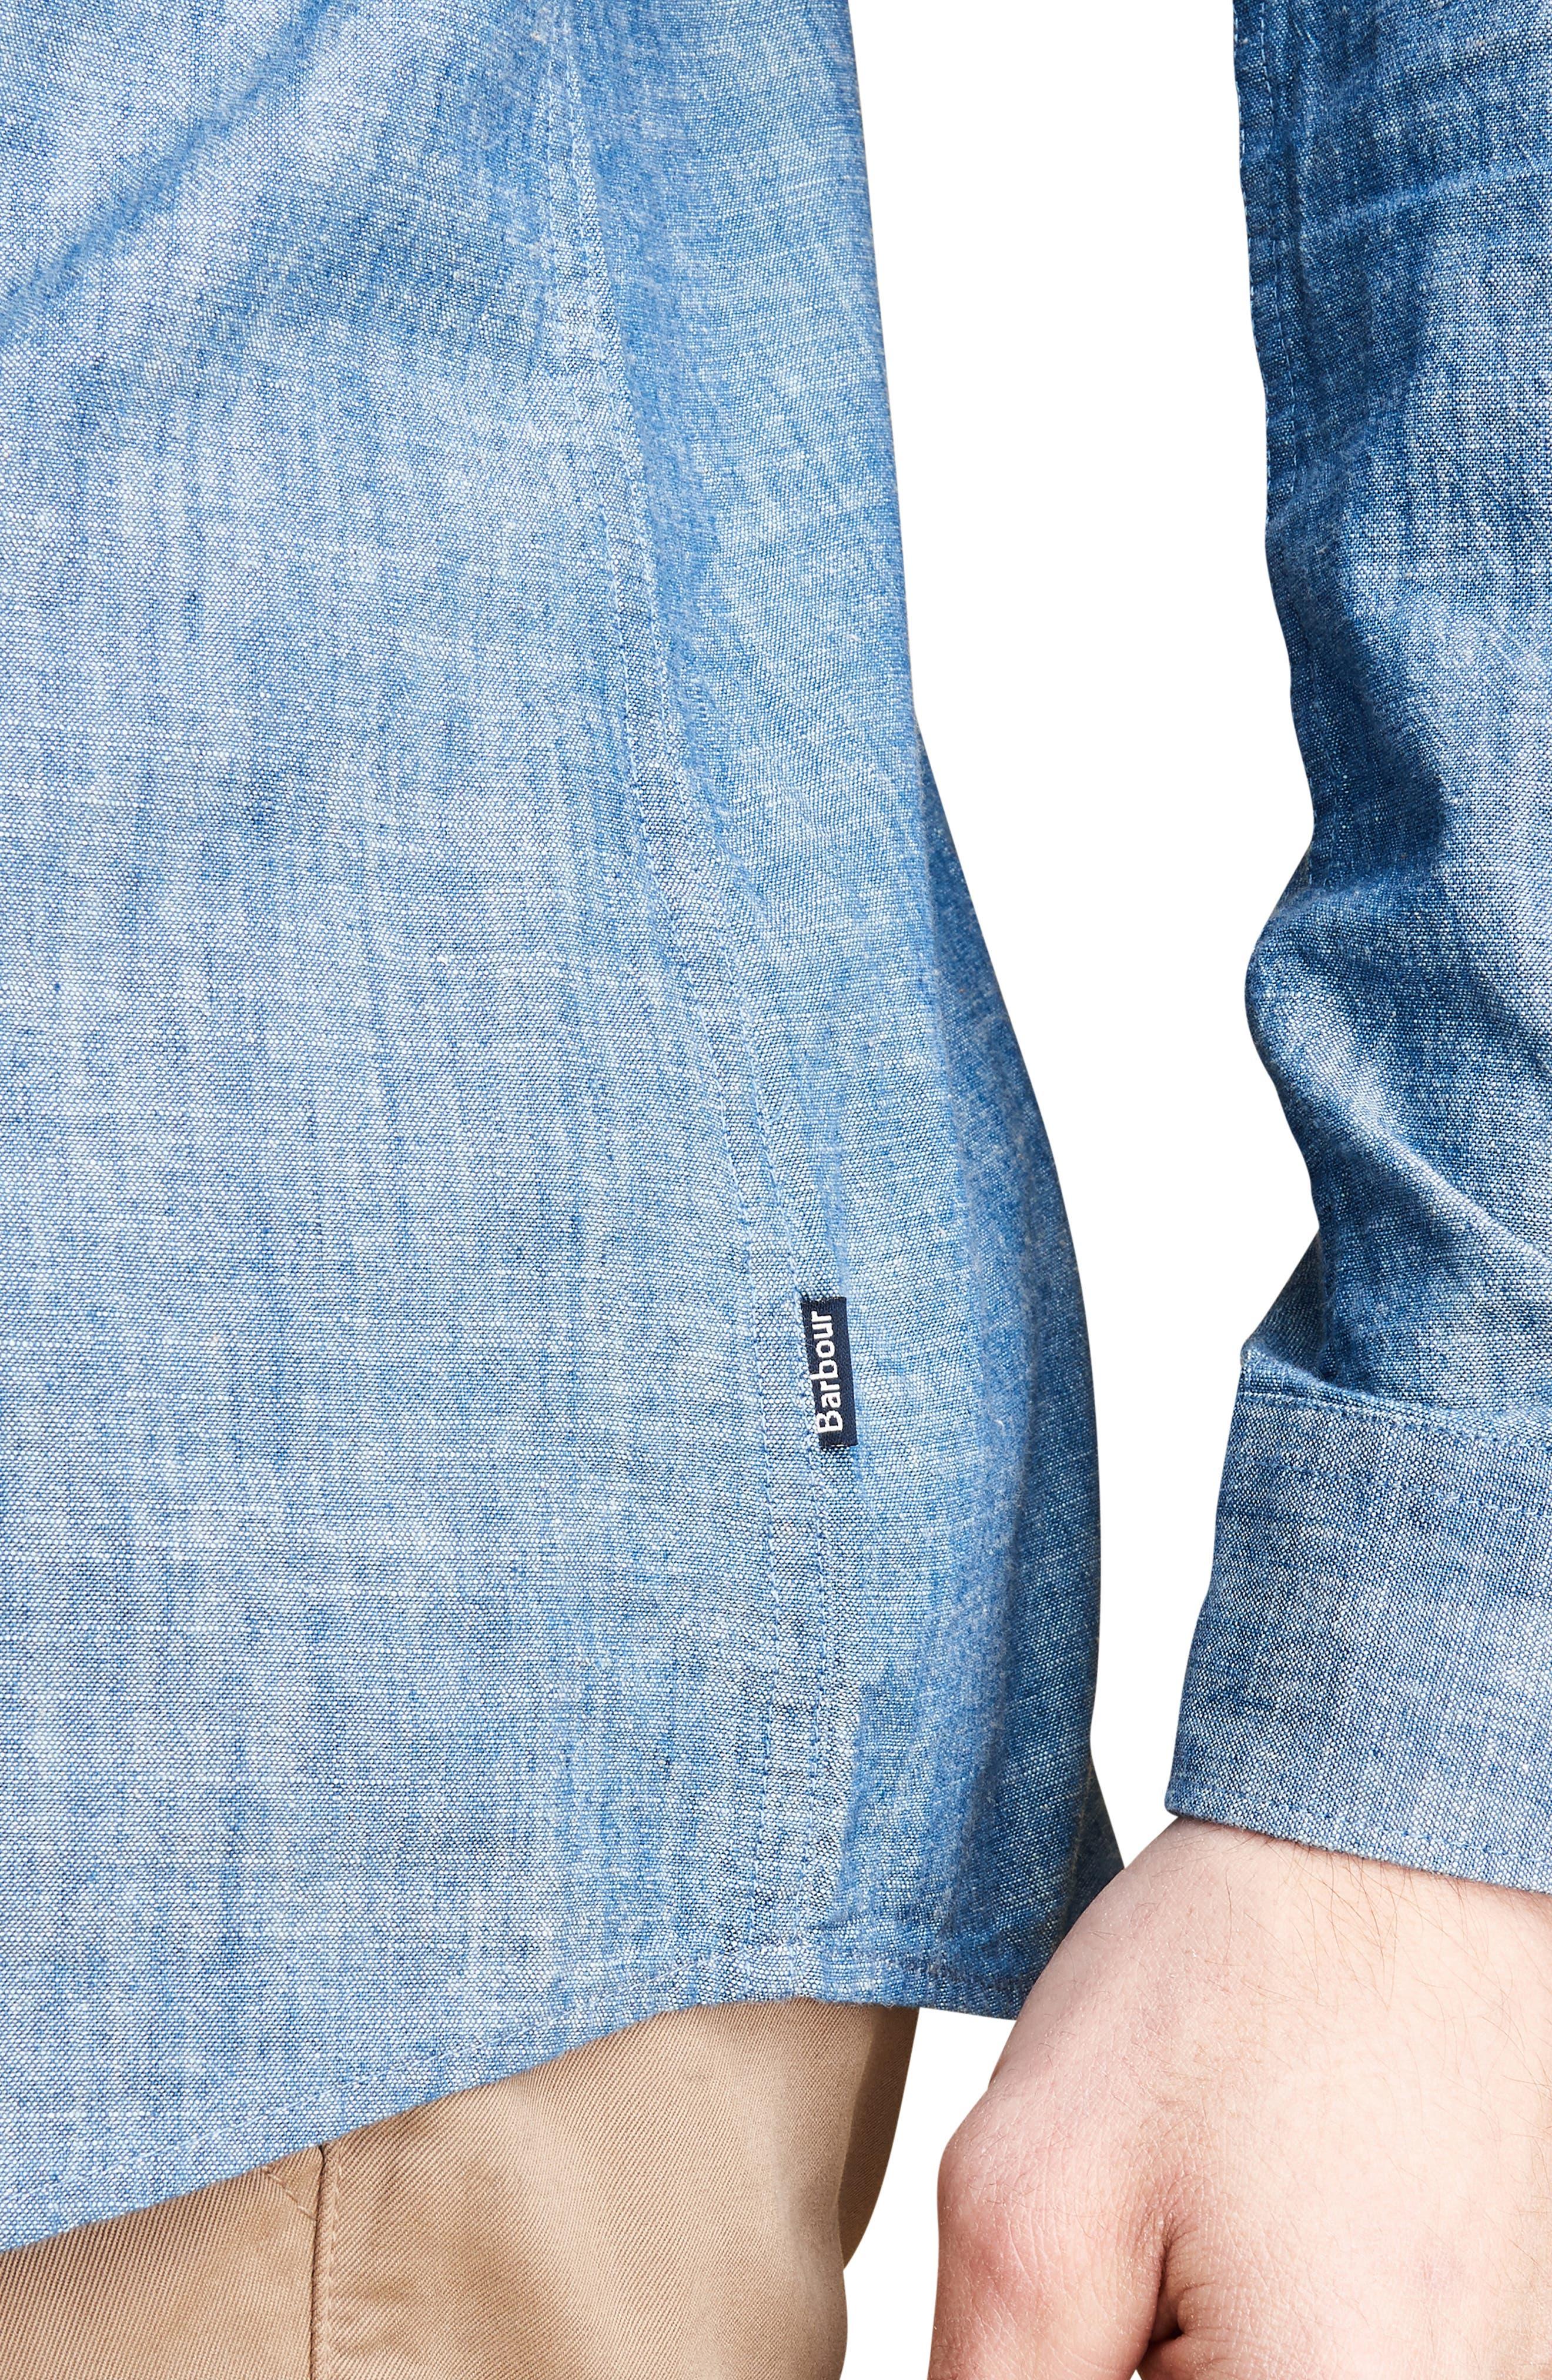 Highfield Chambray Shirt,                             Alternate thumbnail 6, color,                             INDIGO